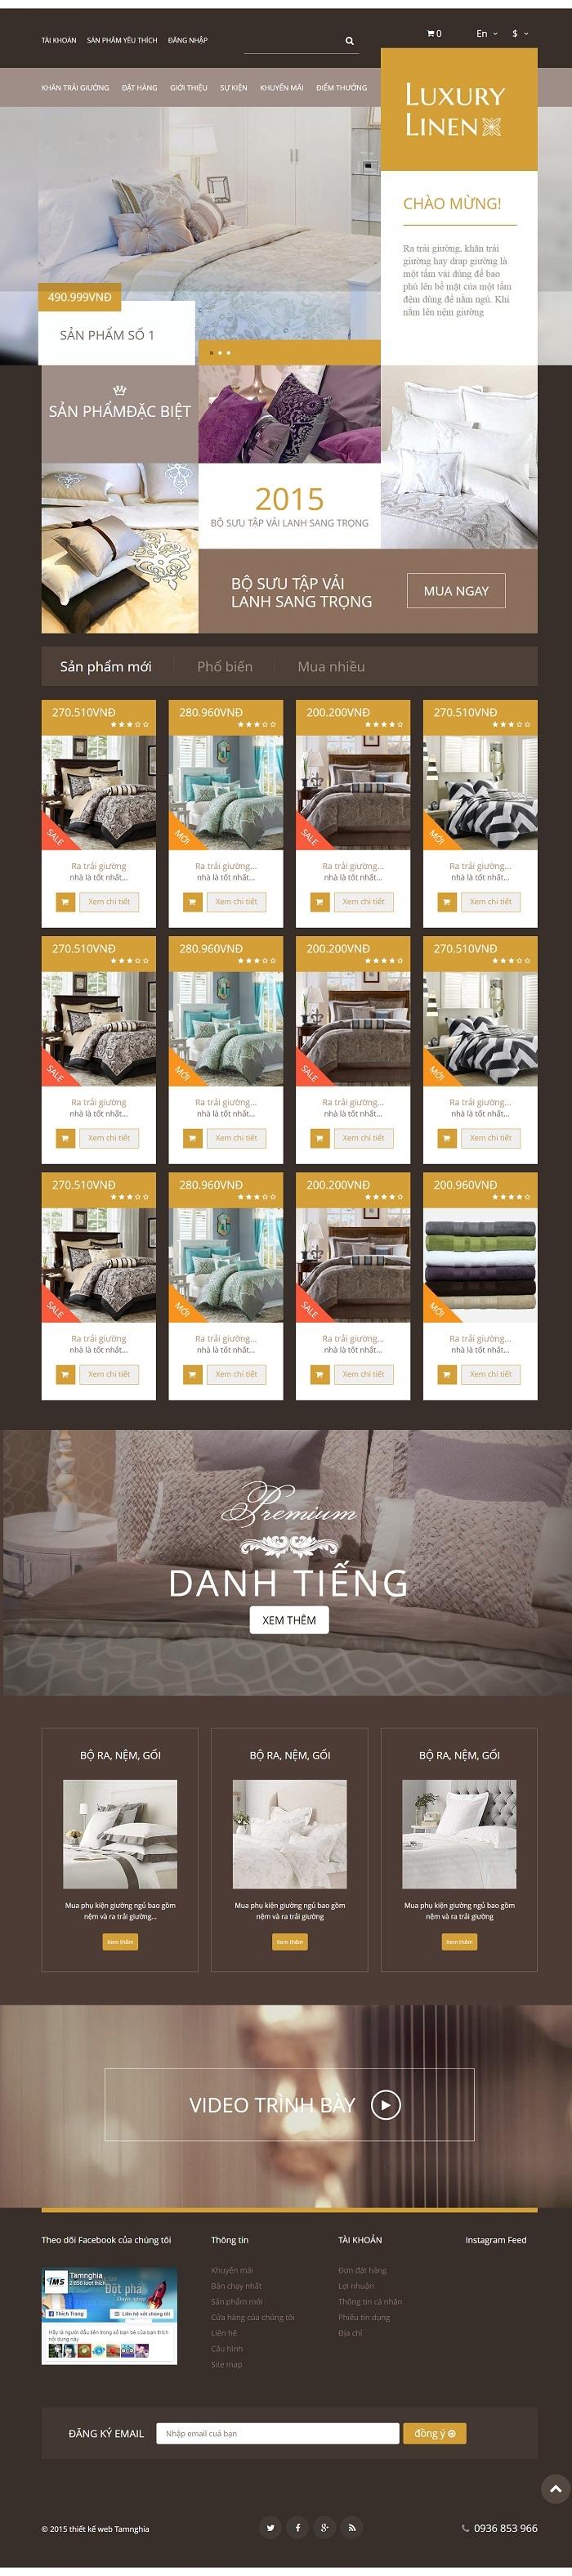 Website  nội thất gường ngủ